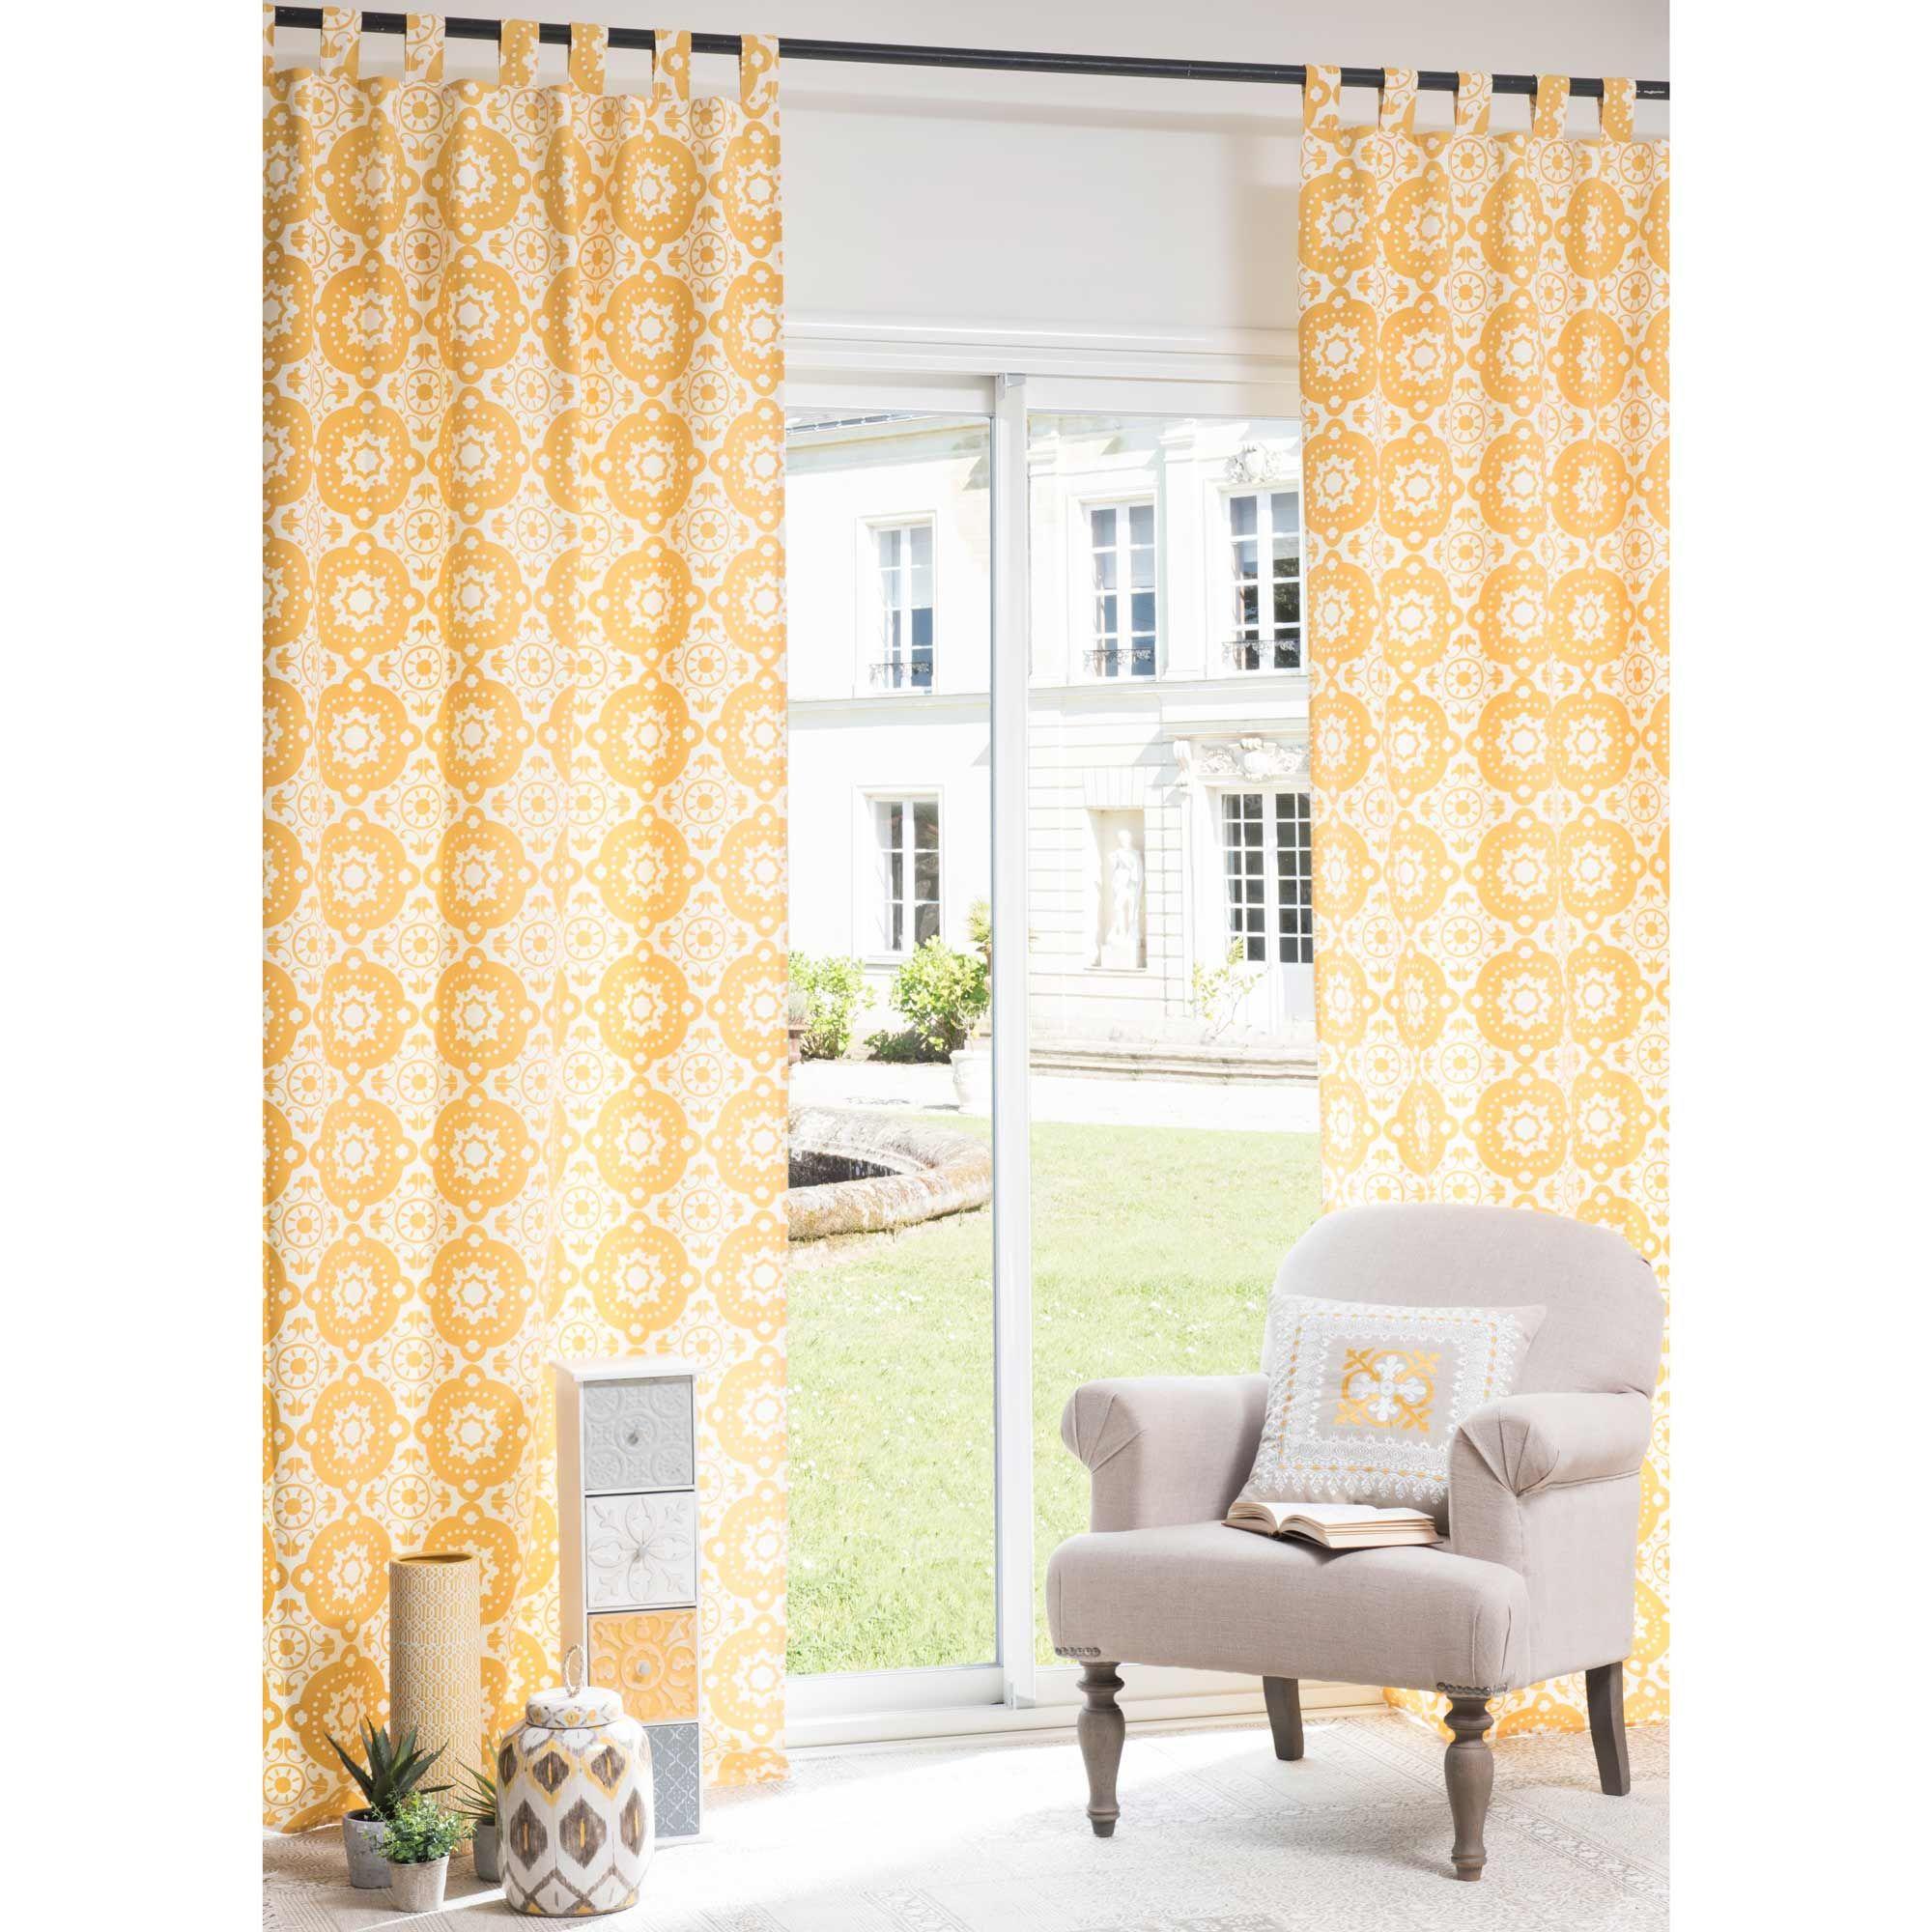 rideau illets en coton jaune 105 x 250 cm belem maisons du monde exotique pinterest. Black Bedroom Furniture Sets. Home Design Ideas